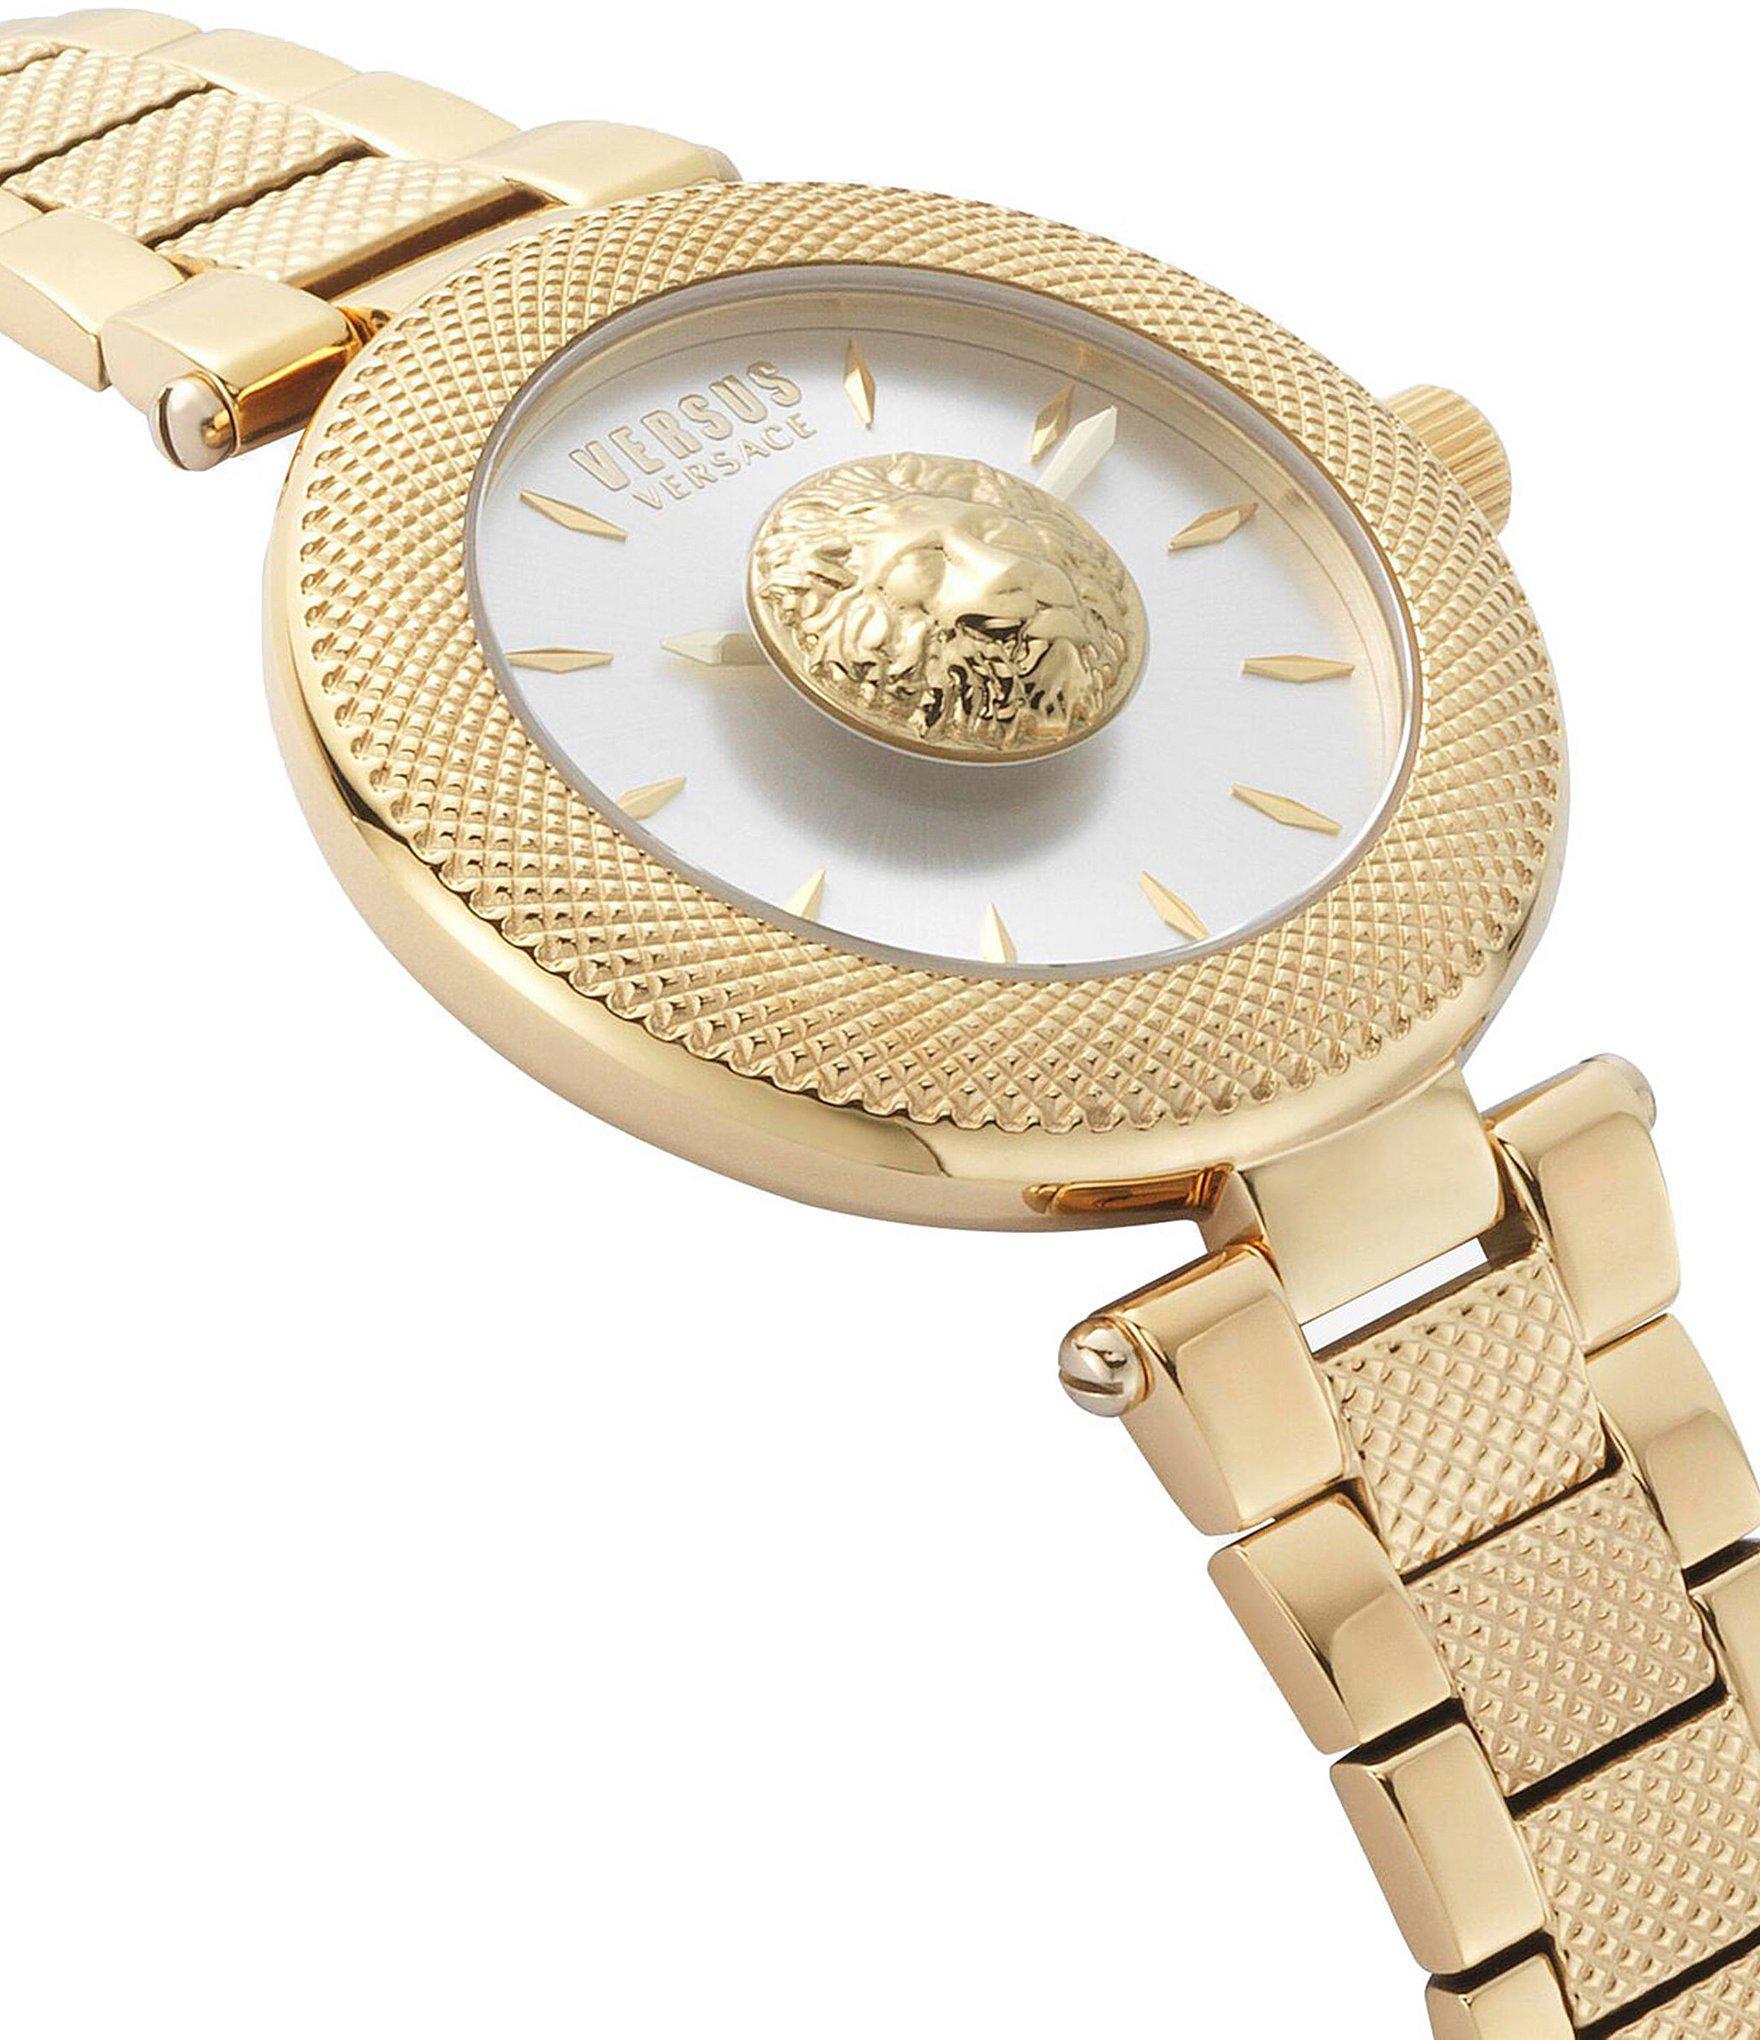 9f764d02b7e Versus Versus Versace Brick Lane Bracelet Watch in Metallic - Lyst